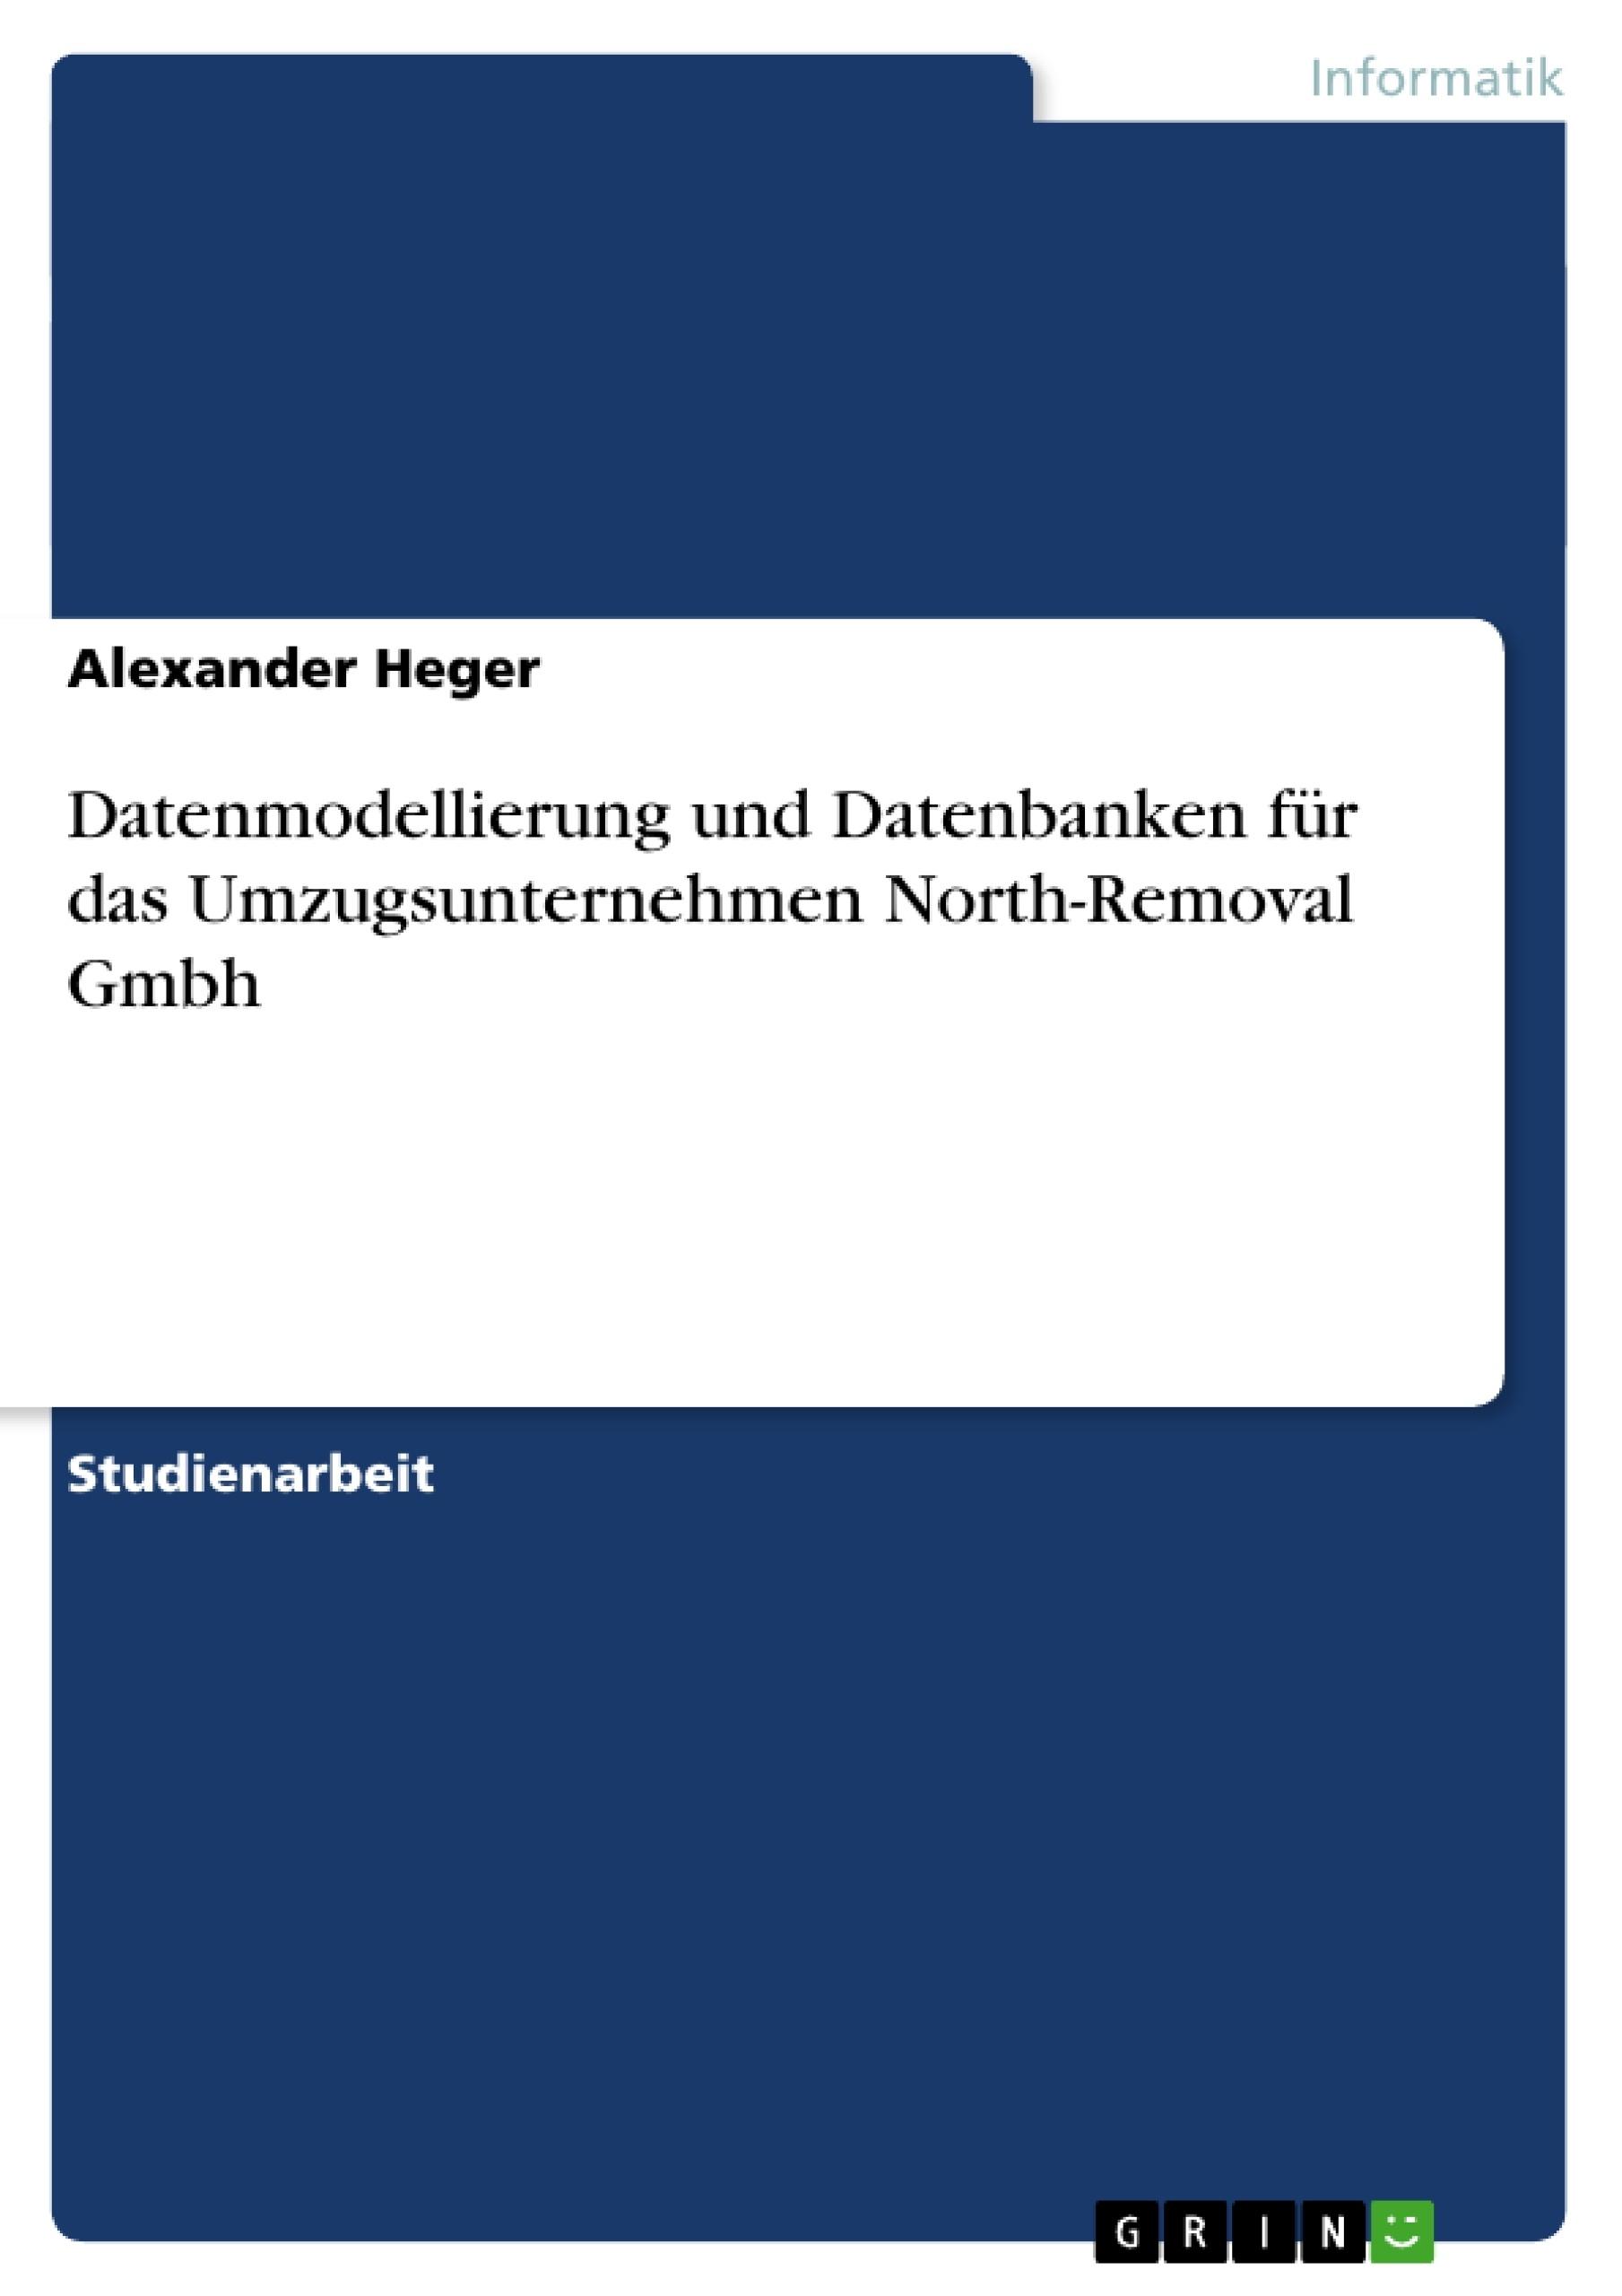 Titel: Datenmodellierung und Datenbanken für das Umzugsunternehmen  North-Removal Gmbh